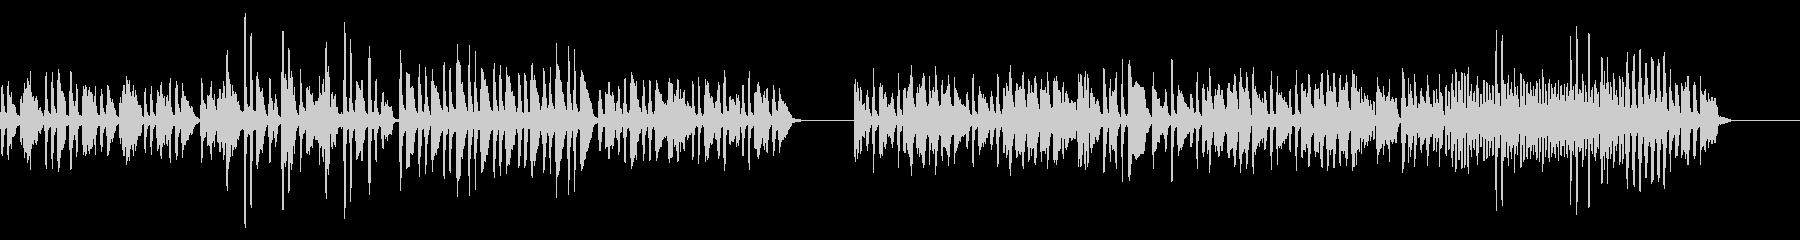 狩人の合唱をヴァイオリンソロでの未再生の波形